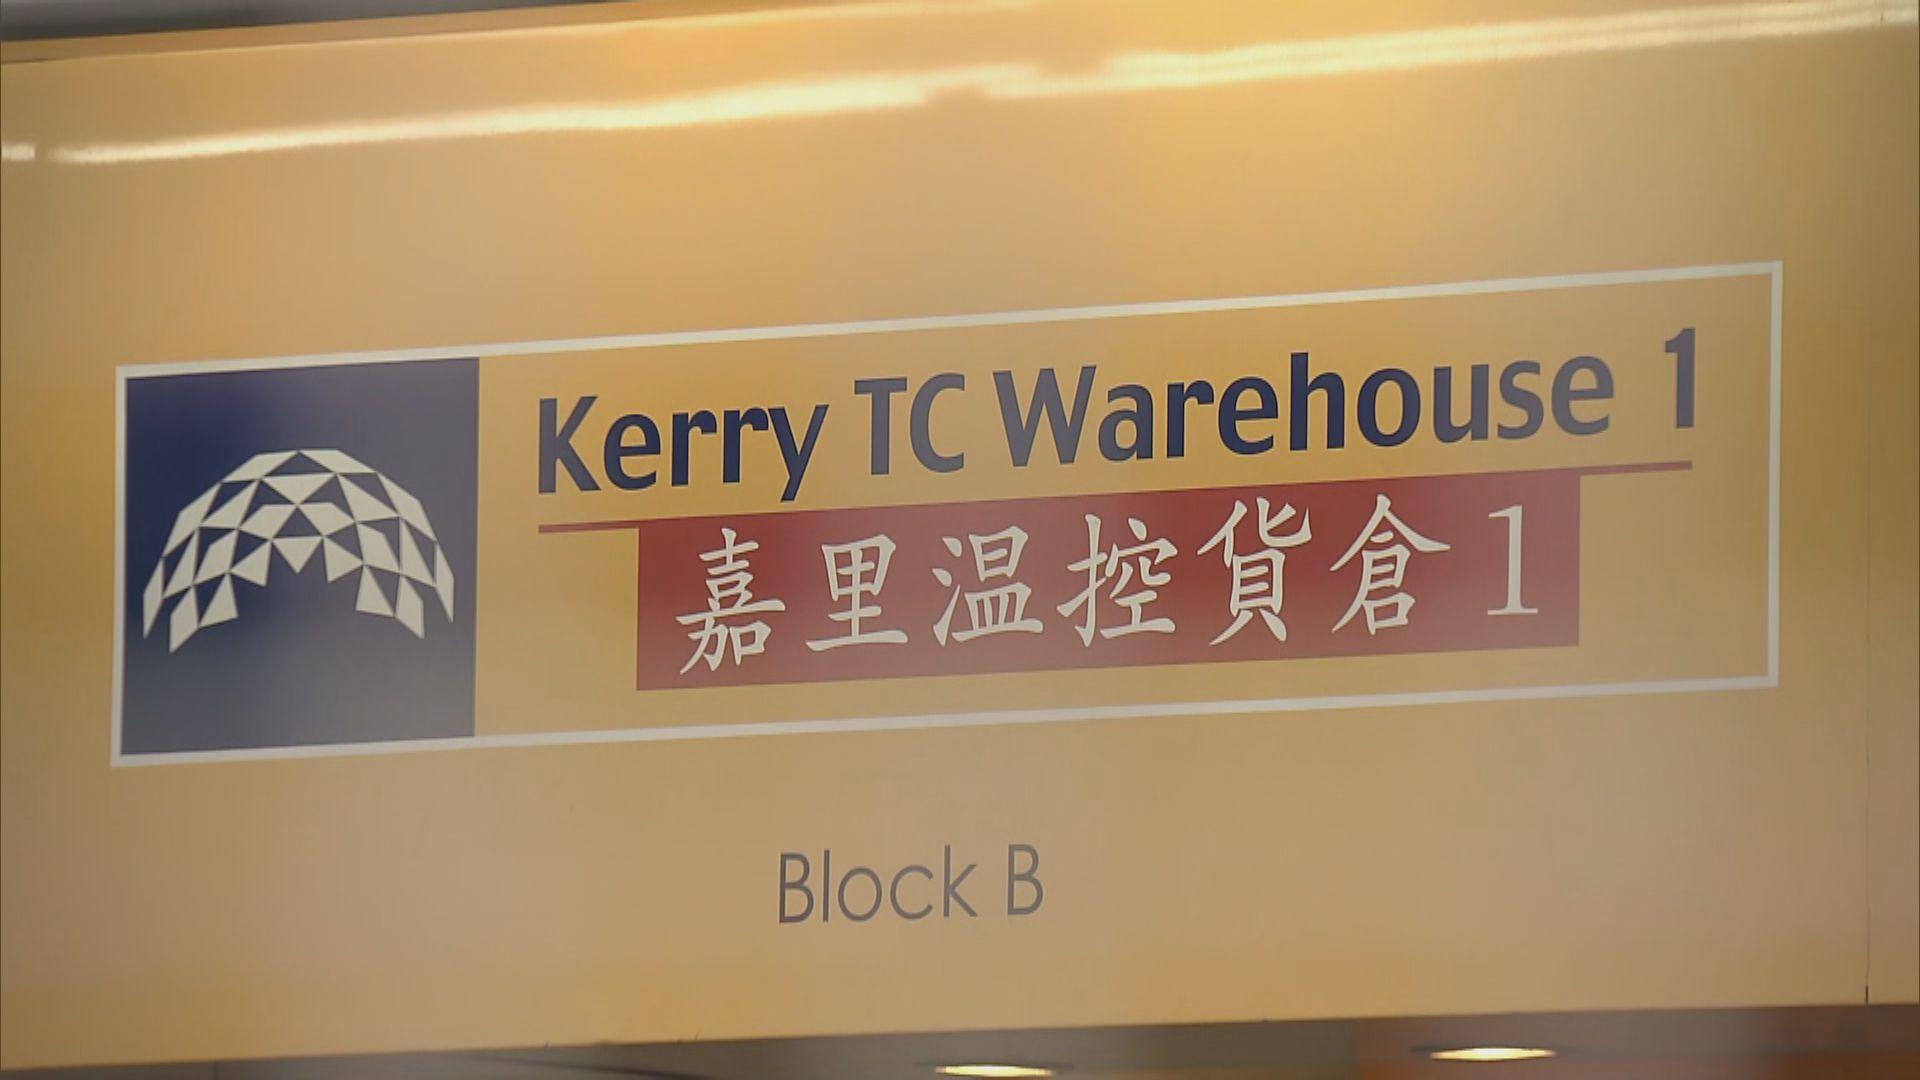 消息:本港新增最少三宗確診個案 兩人於嘉里貨倉工作